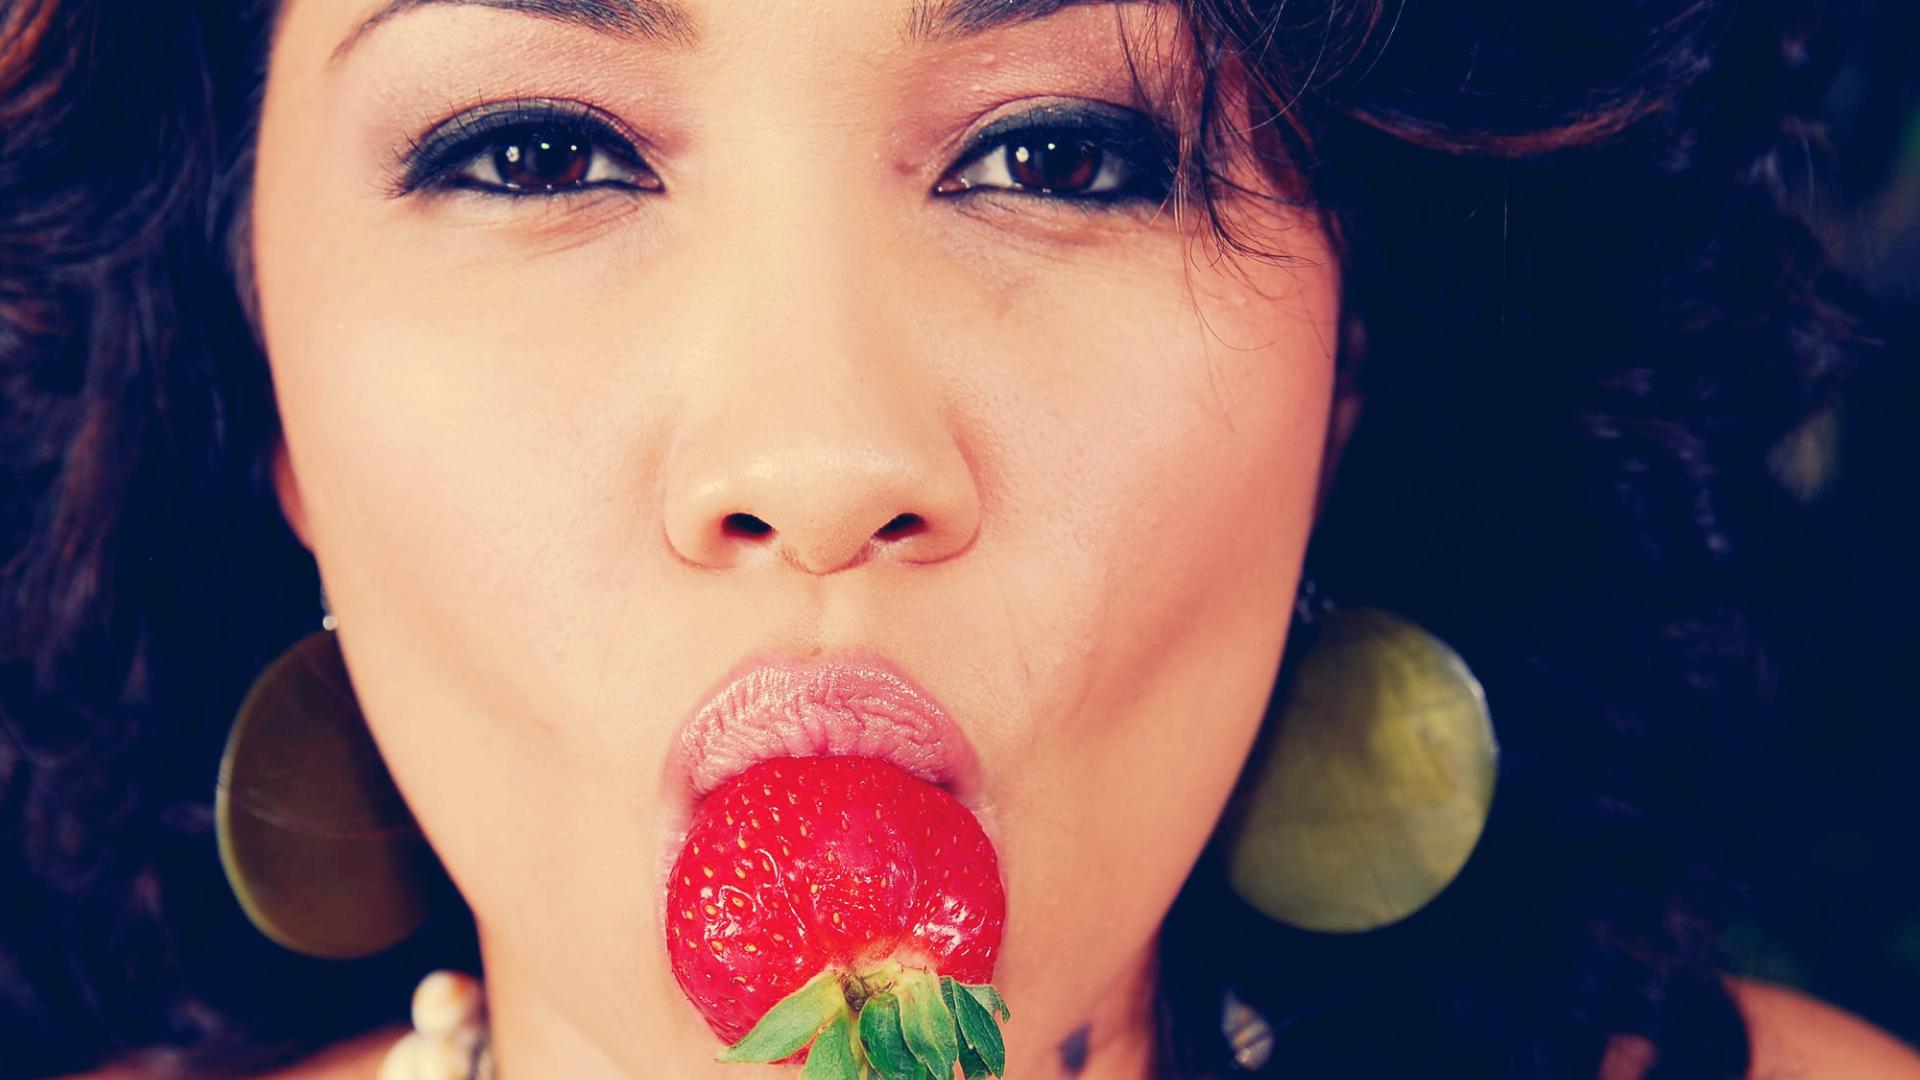 стоит выше картинки ягодка во рту являются идеальным